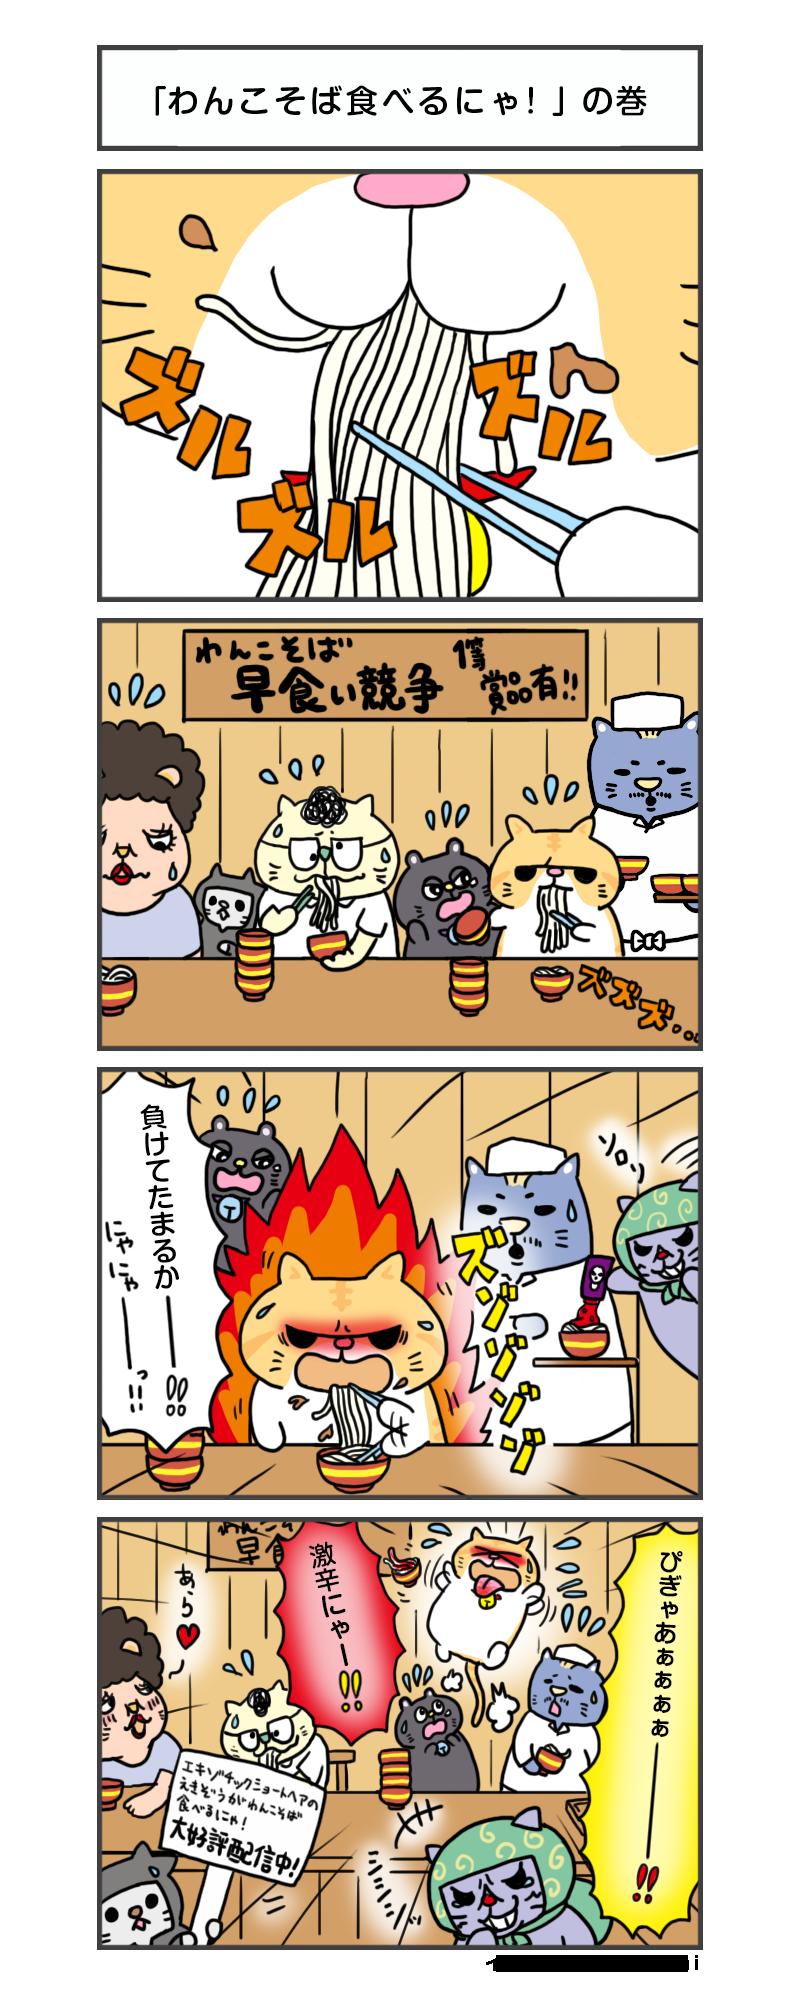 縺医″縺昴y縺・anga_vol.30